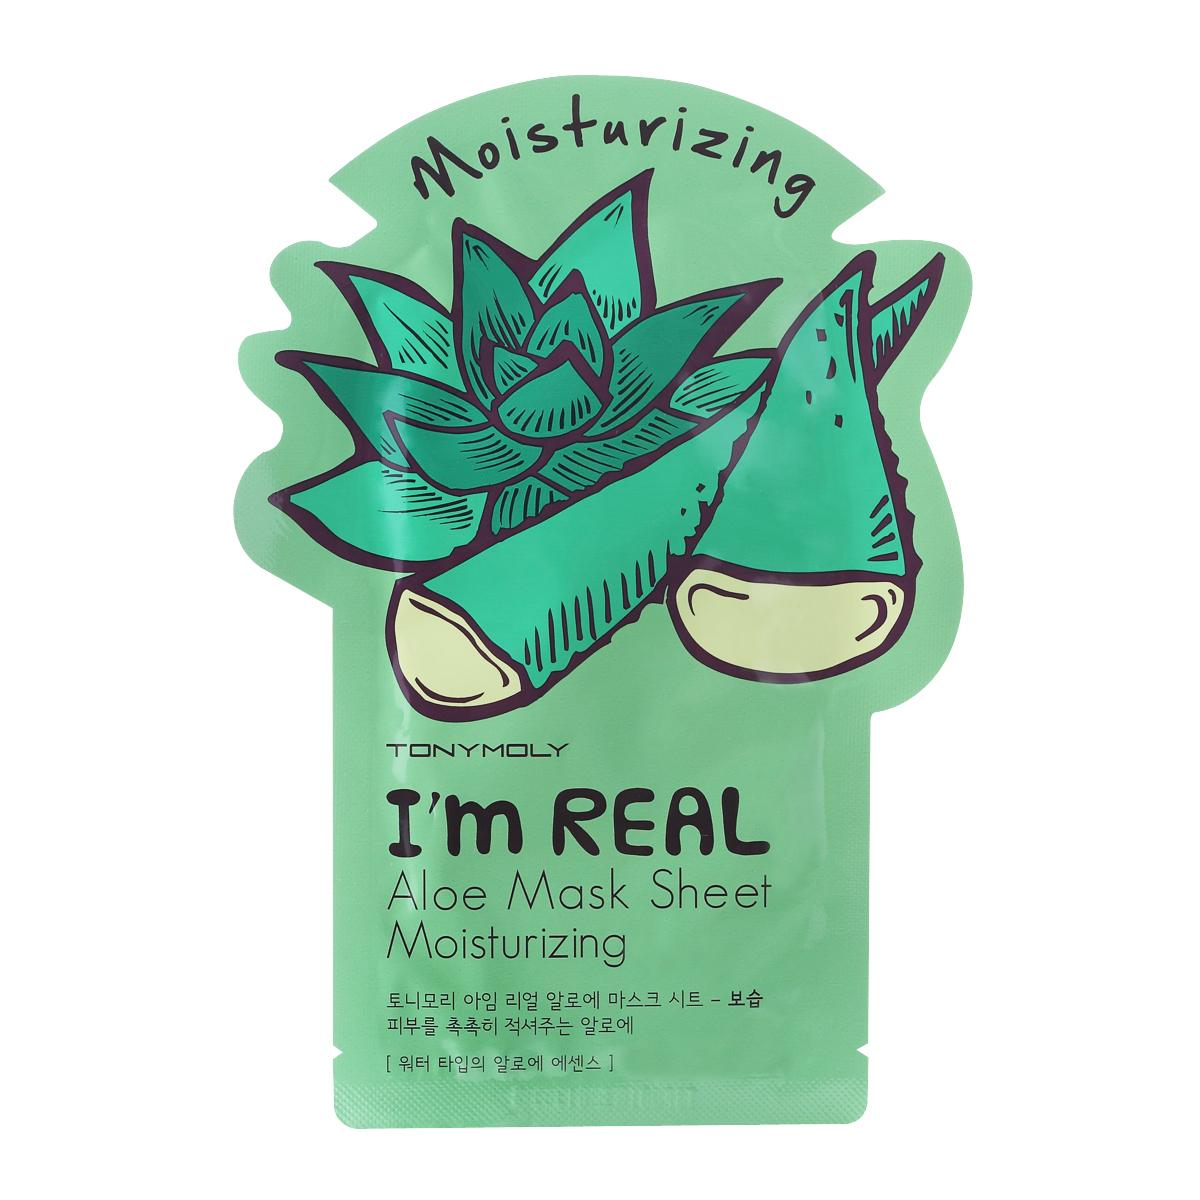 TonyMoly Тканевая маска с экстрактом алое Im Real Aloe Mask Sheet, 21 млFS-00897Увлажняющая маска с экстрактом алоэ создана специально для кожи, нуждающейся в интенсивном питании и увлажнении. Экстракт алоэ успокаивает раздраженную кожу, снимает покраснения, шелушения и раздражения. Кроме алоэ, в состав маски входит большое количество минералов, витаминов и аминокислот, которые улучшают кровообращение, обладают бактерицидным действием и уменьшают проявление угрей и прыщей. Маска подходит для любой кожи, нуждающейся в интенсивном увлажнении и питании. Не содержит парабенов, талька и искусственных красителей. Марка Tony Moly чаще всего размещает на упаковке (внизу или наверху на спайке двух сторон упаковки, на дне банки, на тубе сбоку) дату изготовления в формате: год/месяц/дата.